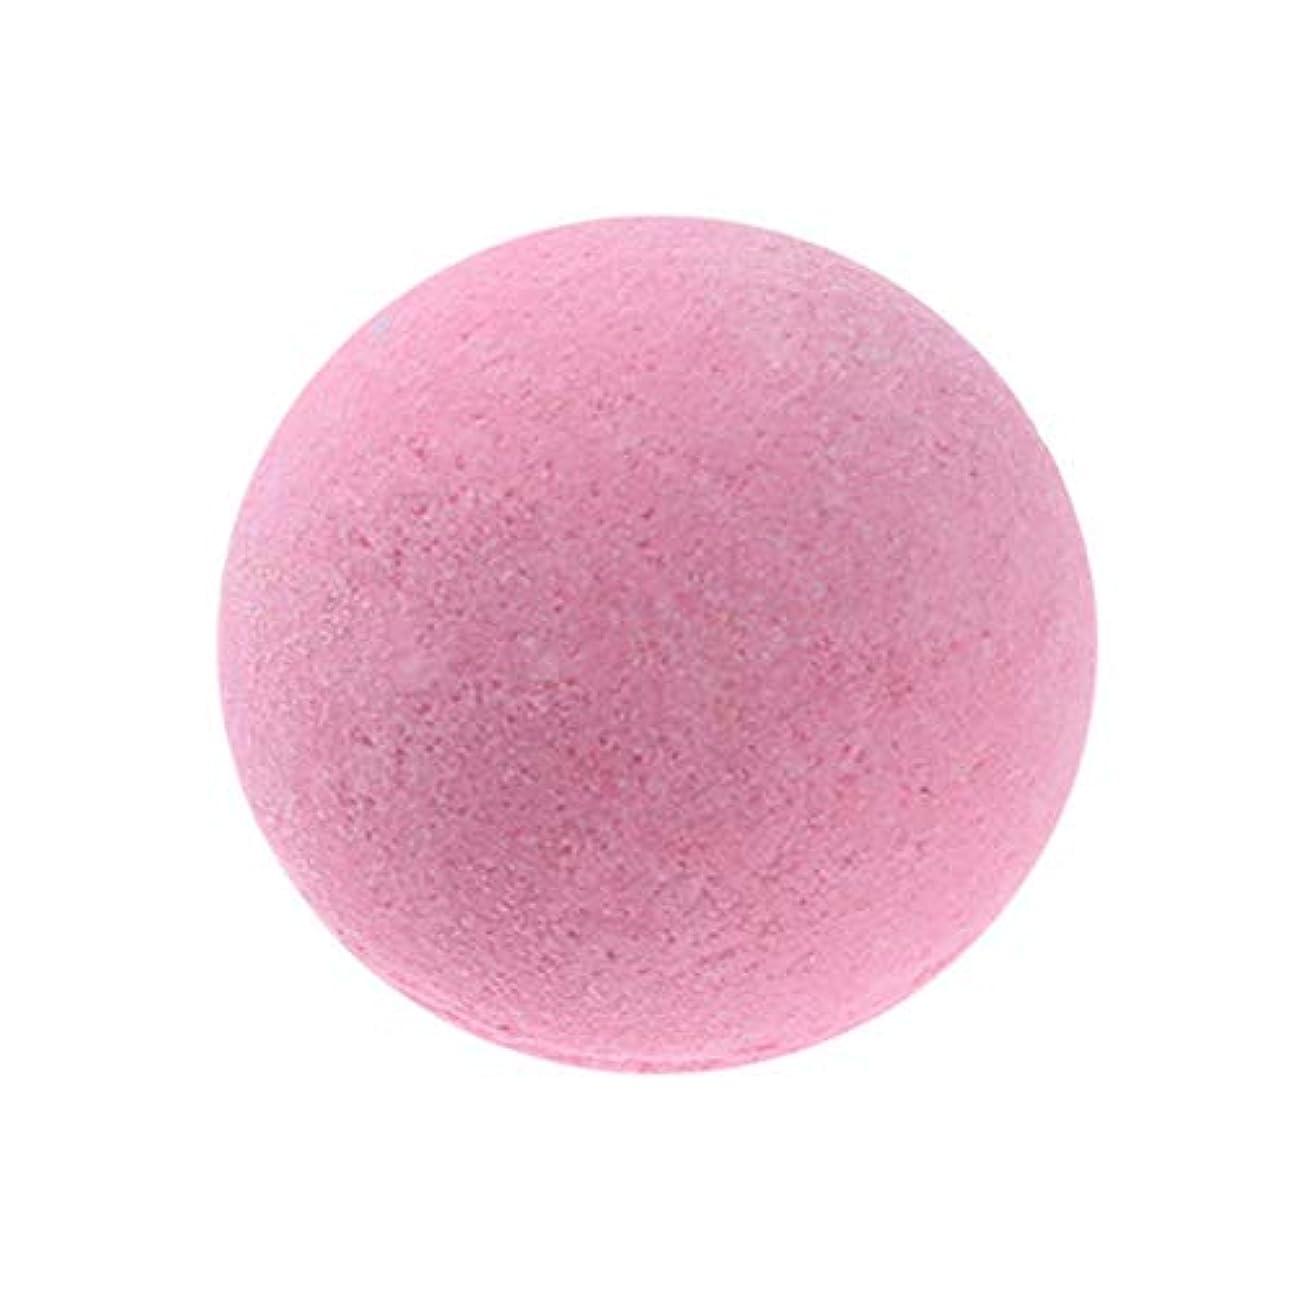 おなじみのラジカルひどいバスボール ボディスキンホワイトニング バスソルト リラックス ストレスリリーフ バブルシャワー 爆弾ボール 1pc Lushandy